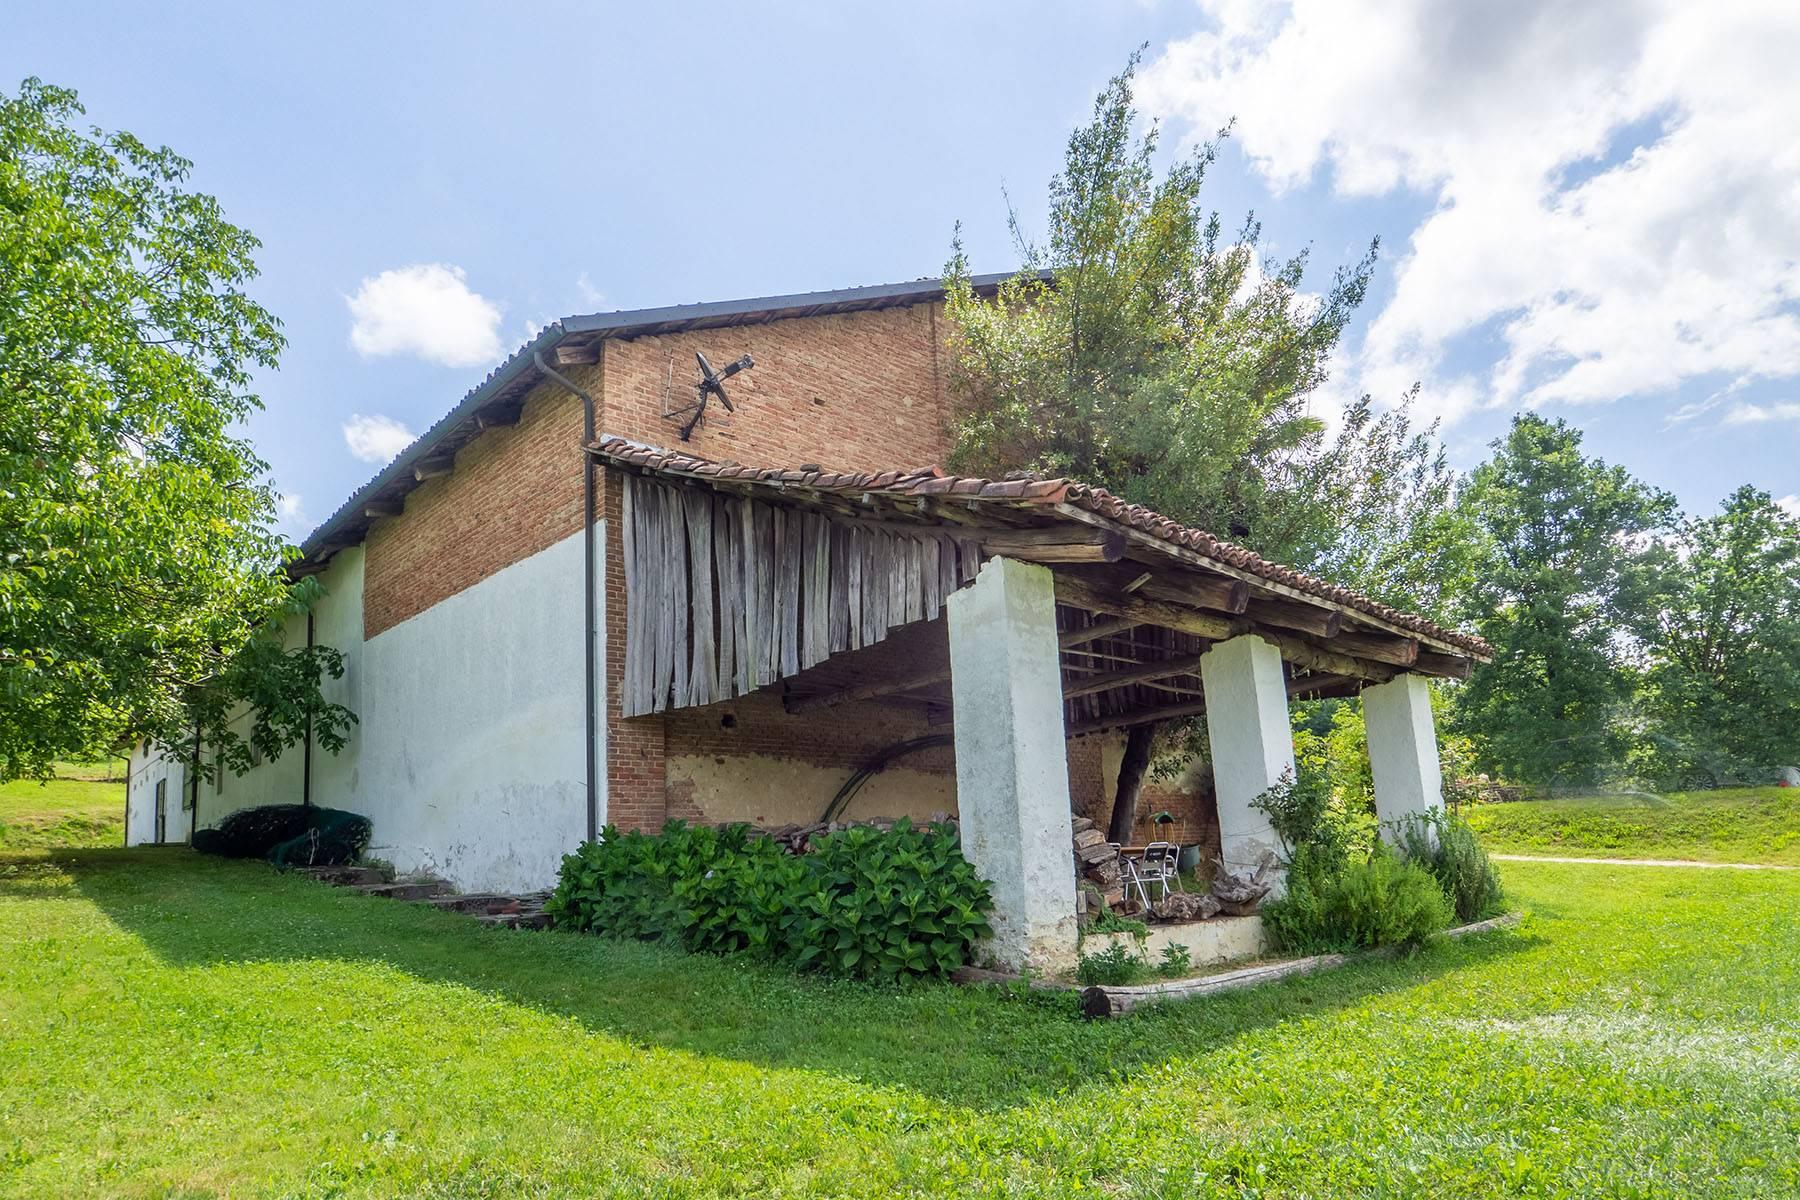 Rustico in Vendita a Sommariva Perno: 5 locali, 400 mq - Foto 14